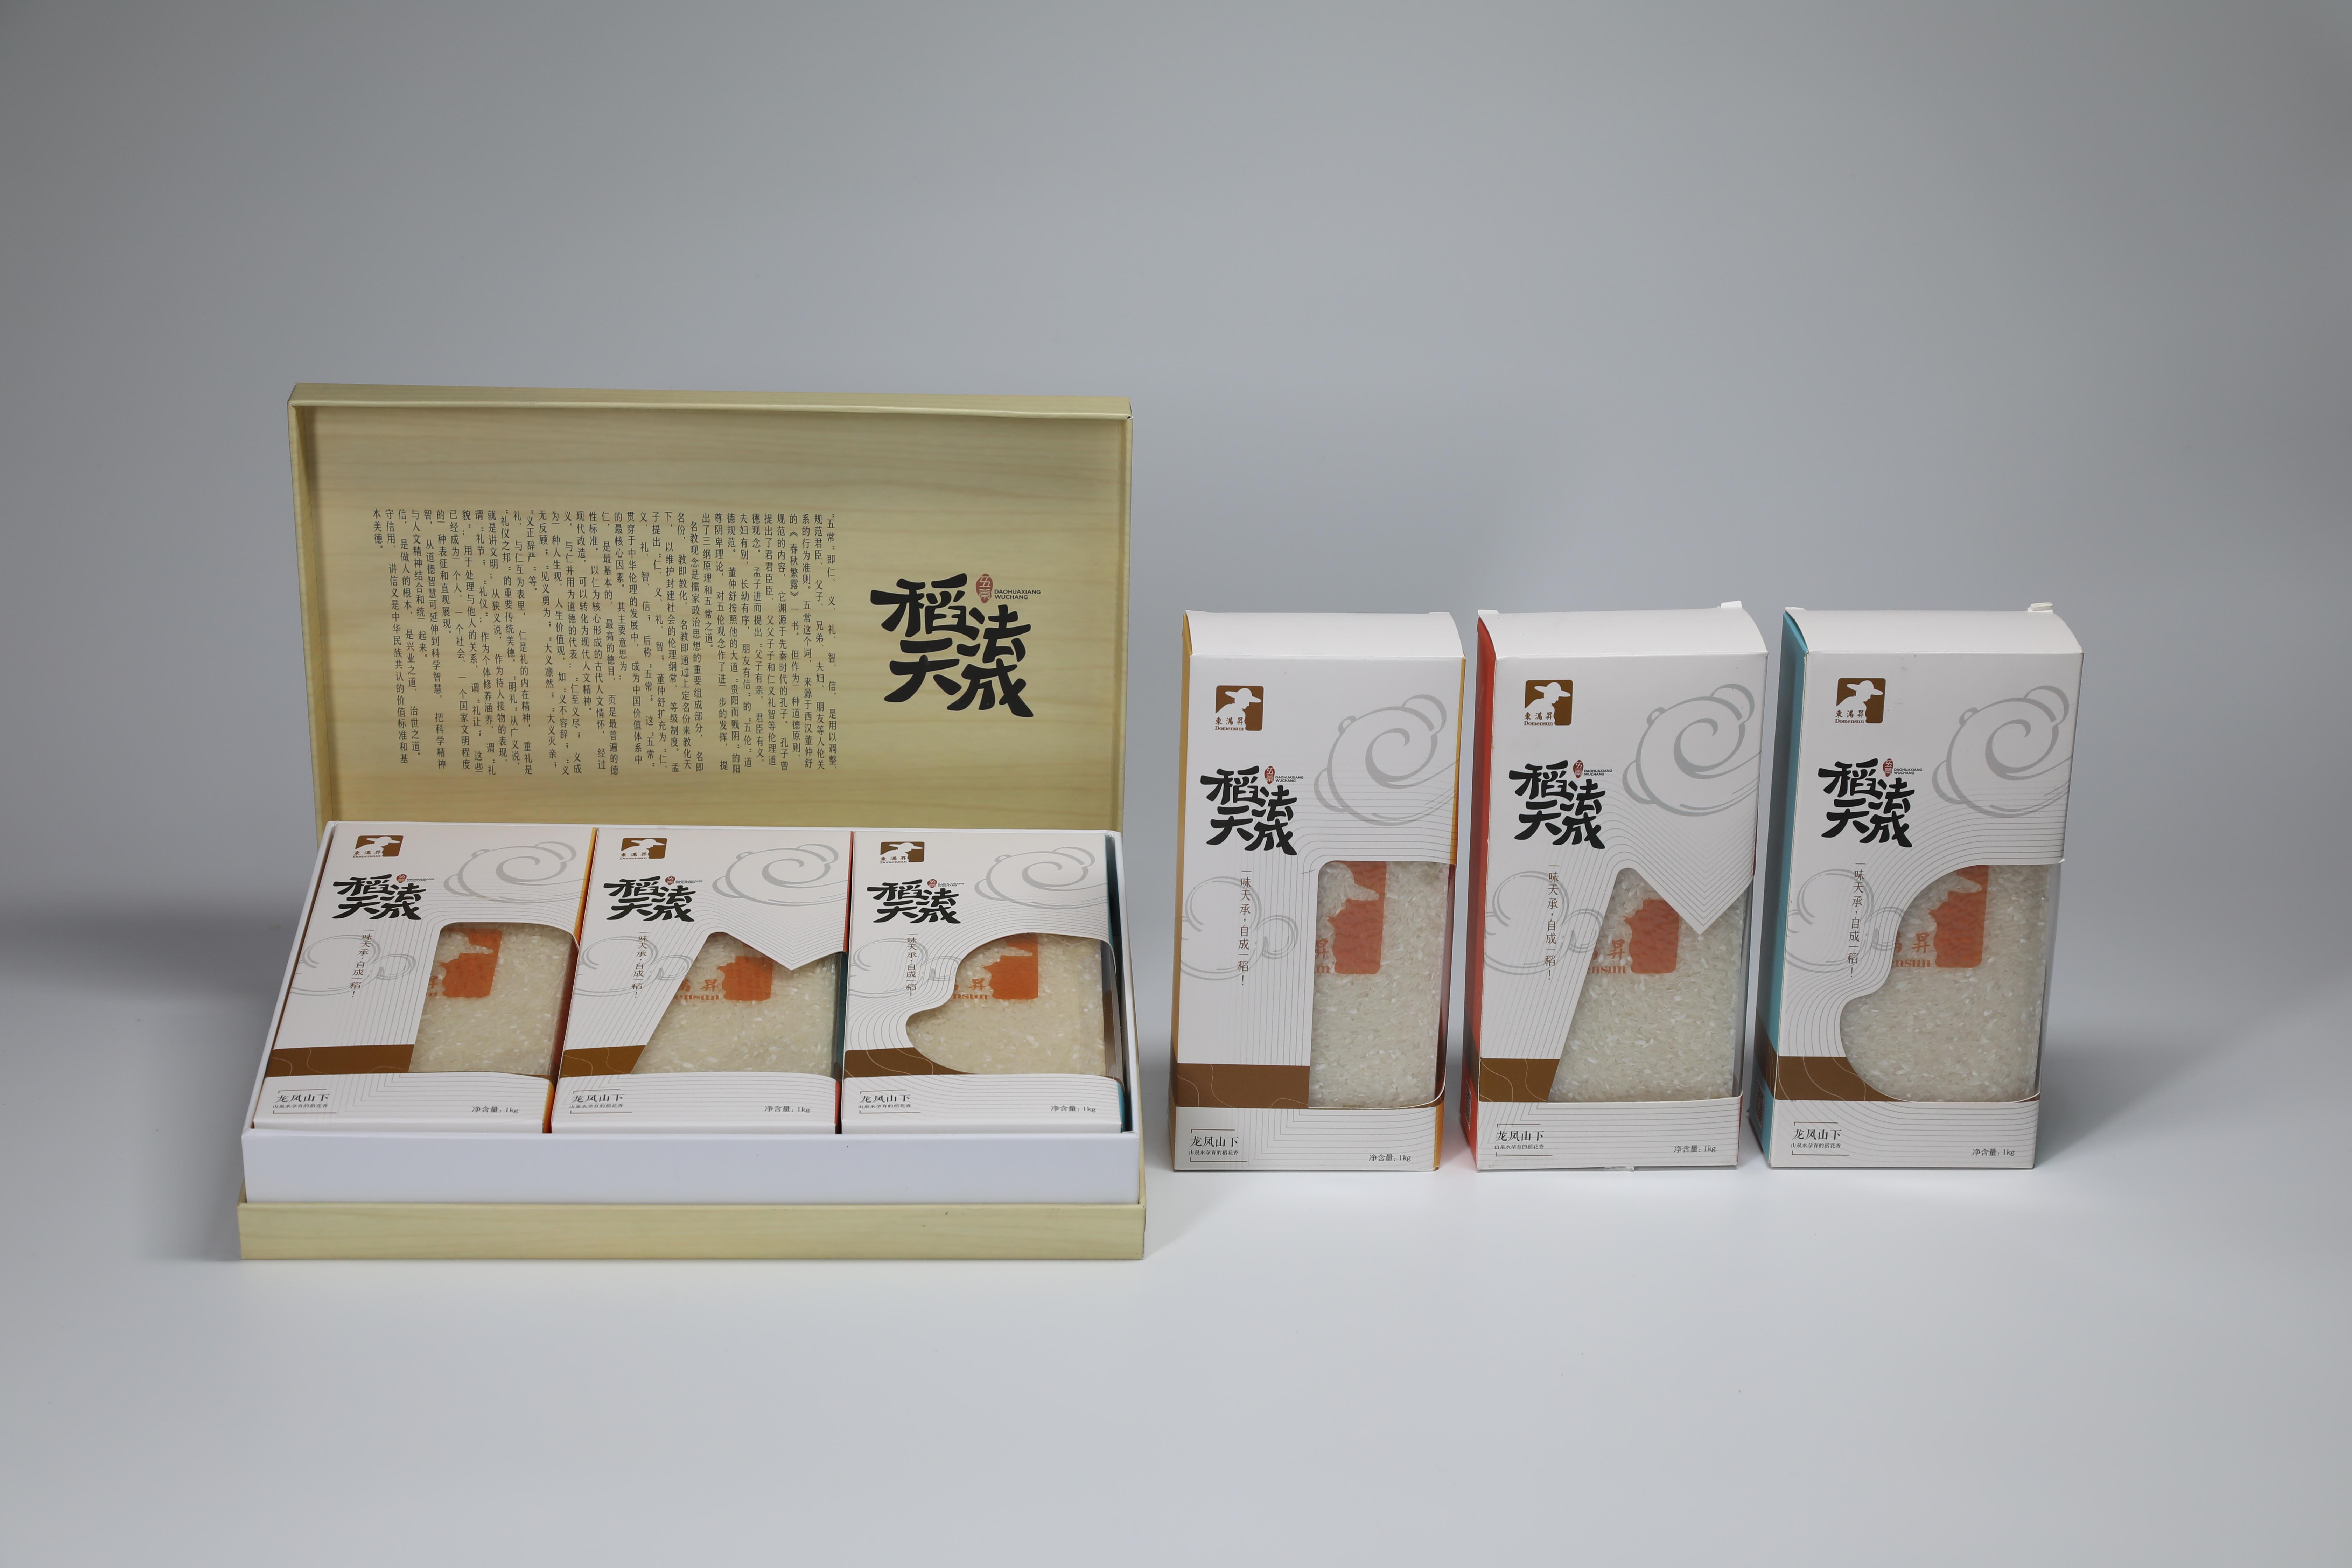 東满昇五常大米高级稻法天然礼盒装,限时折扣!(仅限前50份)